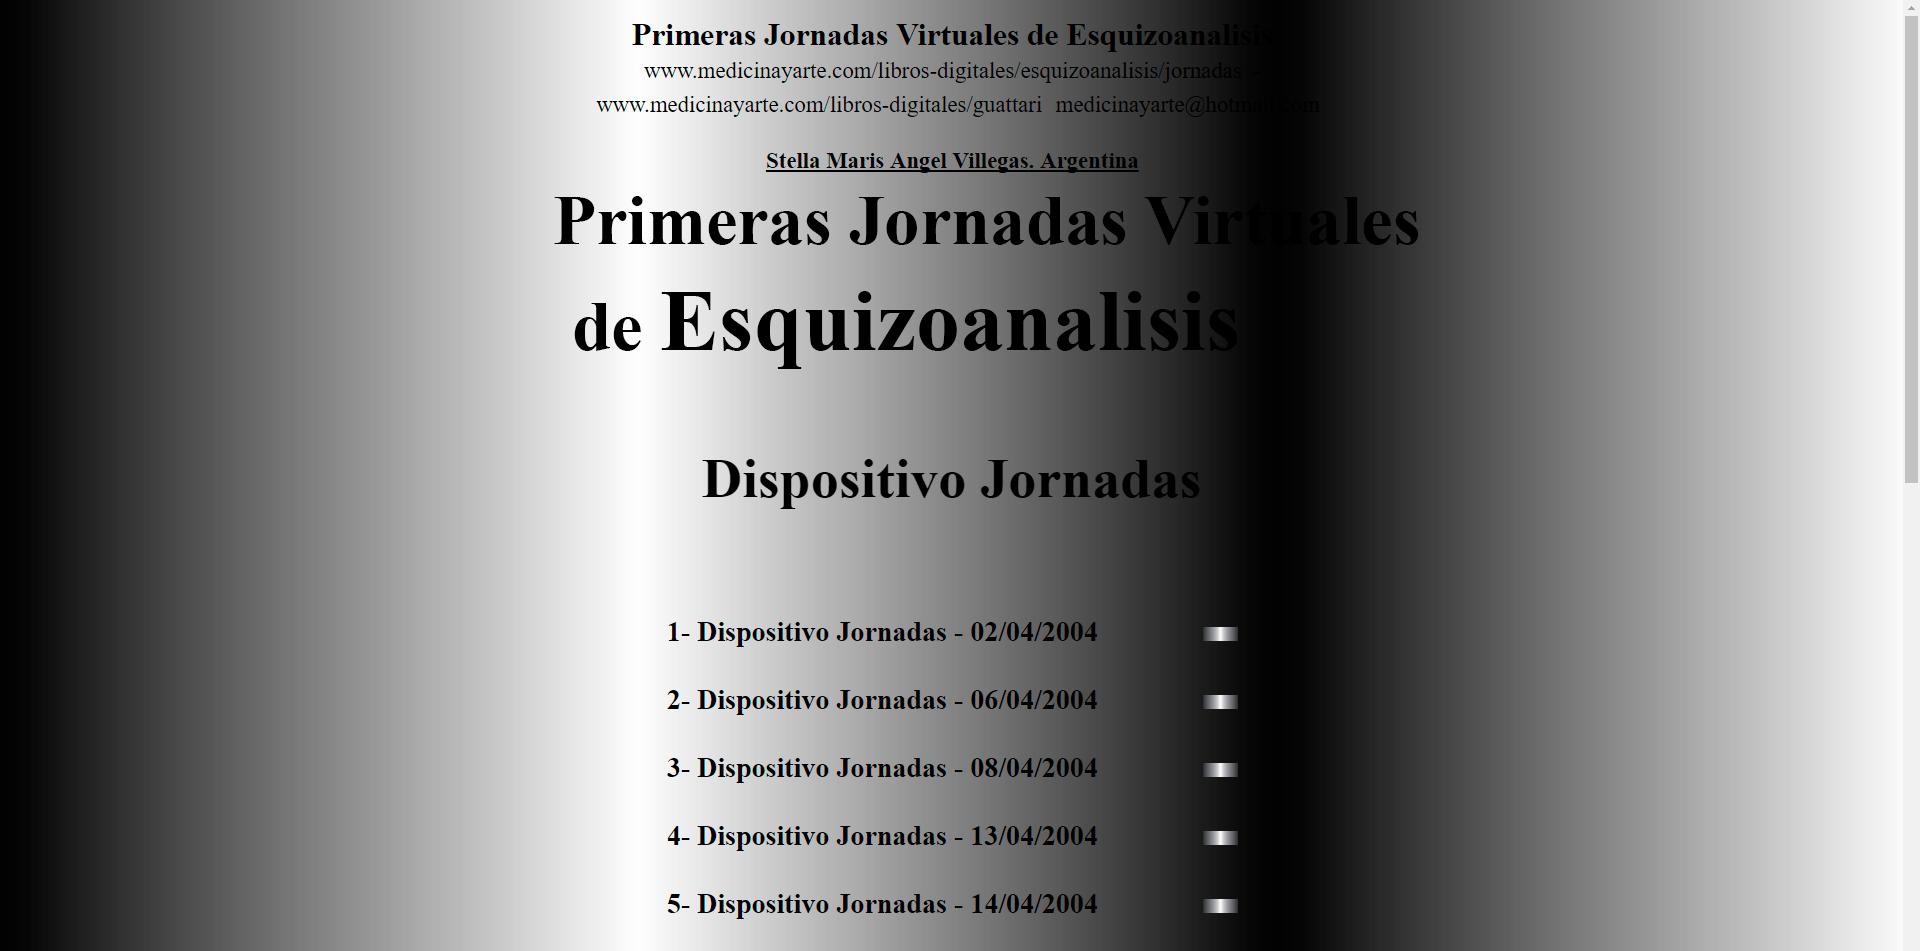 http://medicinayarte.com/img/jornadas_virtuales_esquizoanalisis.jpg